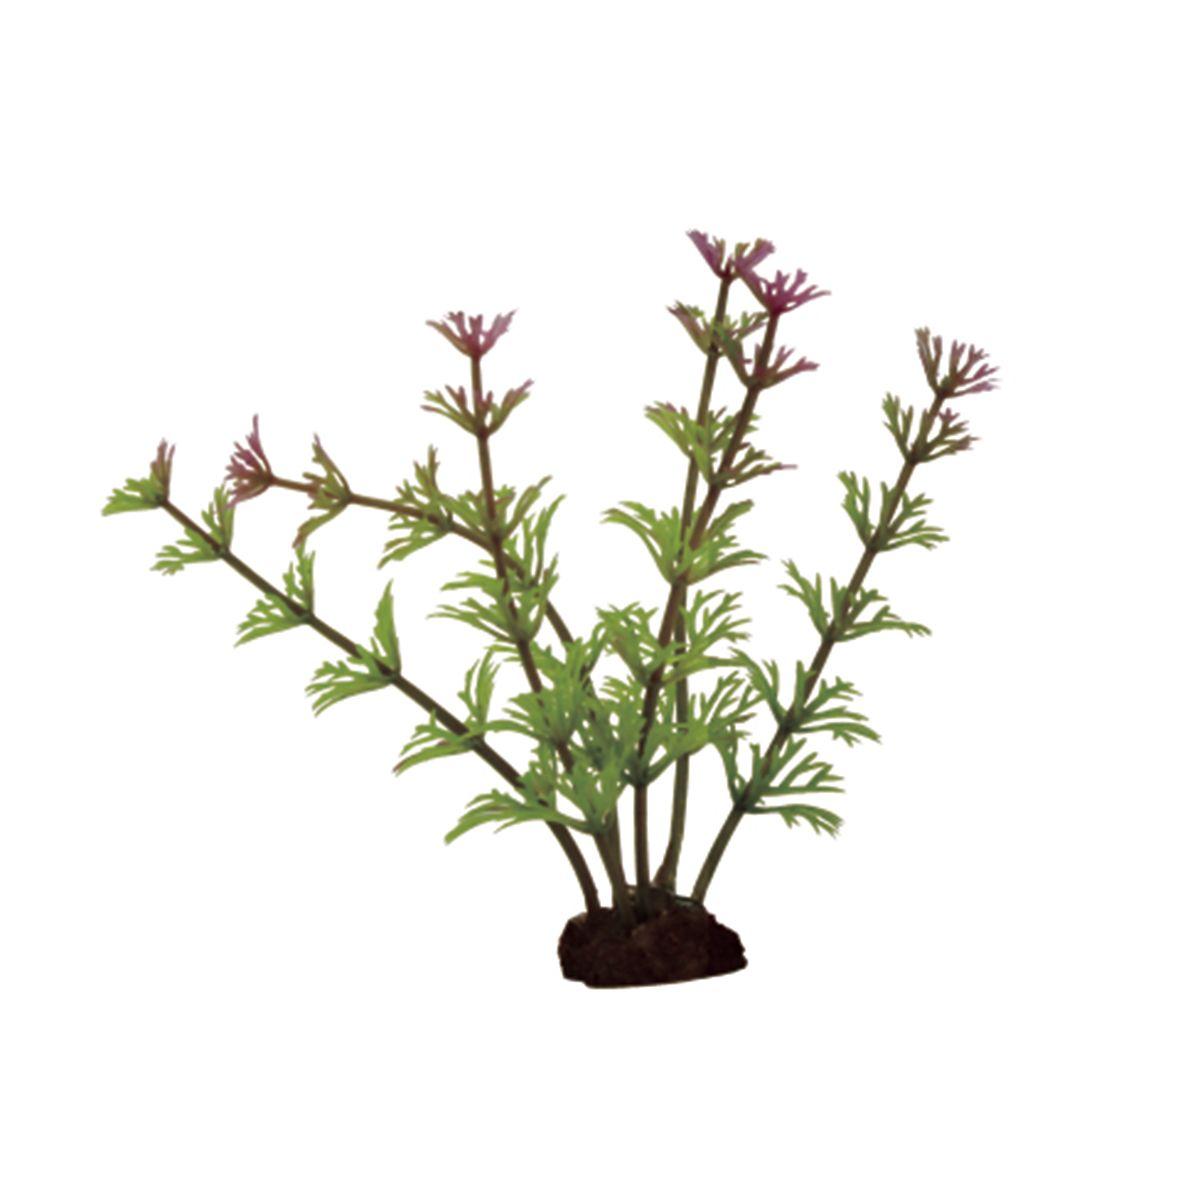 Растение для аквариума ArtUniq Кабомба красно-зеленая, высота 10 см, 6 штART-1170508Растение для аквариума ArtUniq Кабомба красно-зеленая, высота 10 см, 6 шт